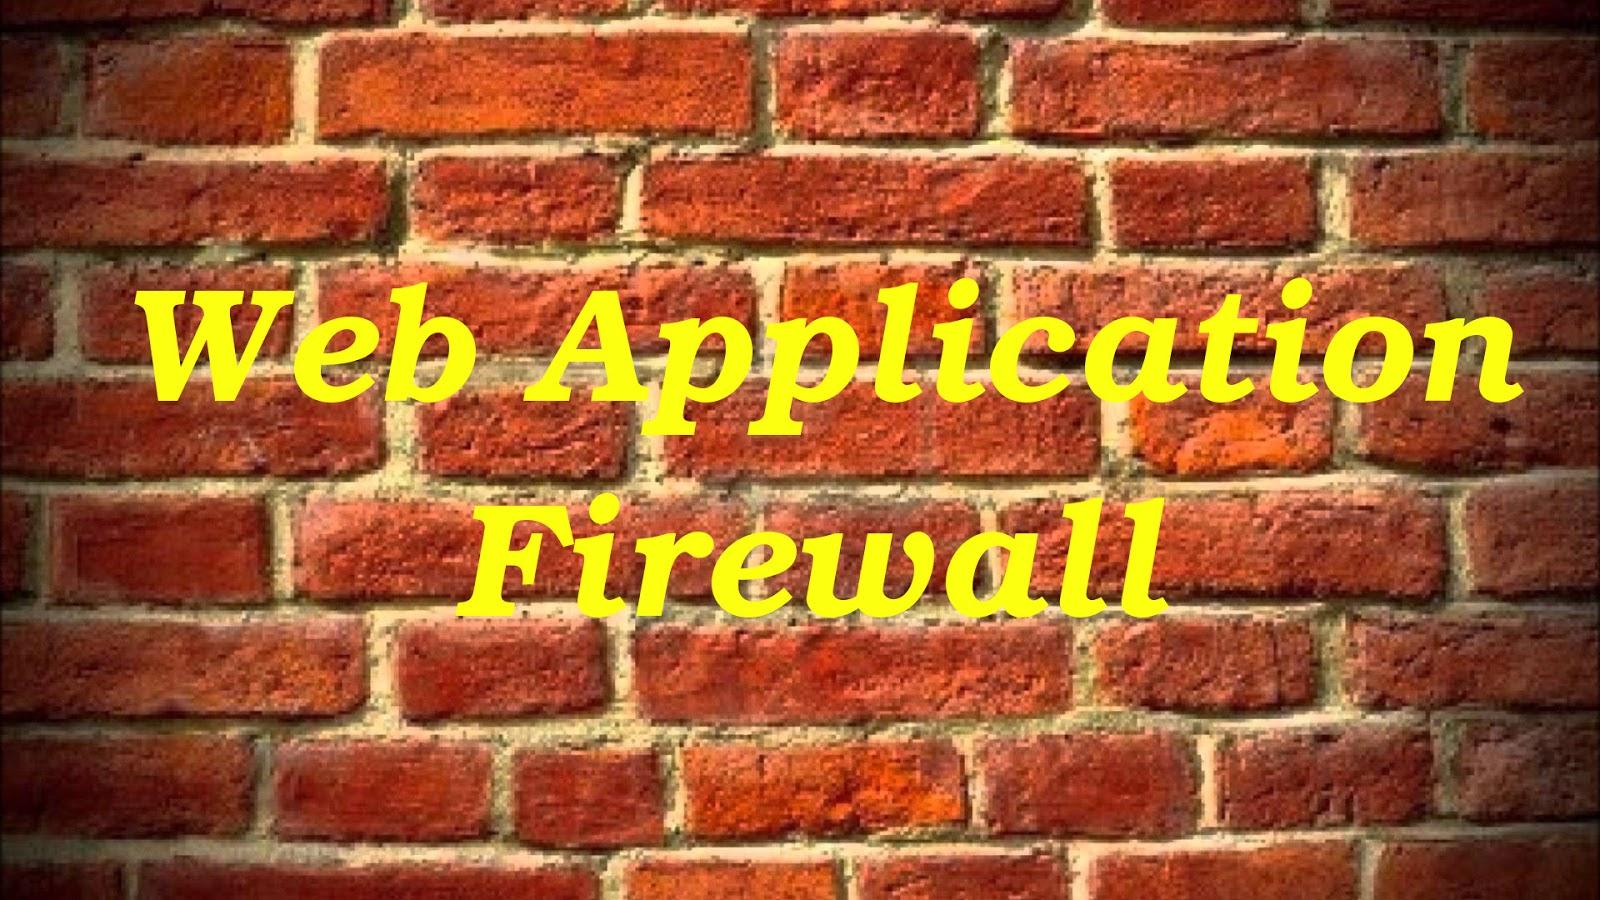 David Romero Trejo: Web Application Firewall - WAF